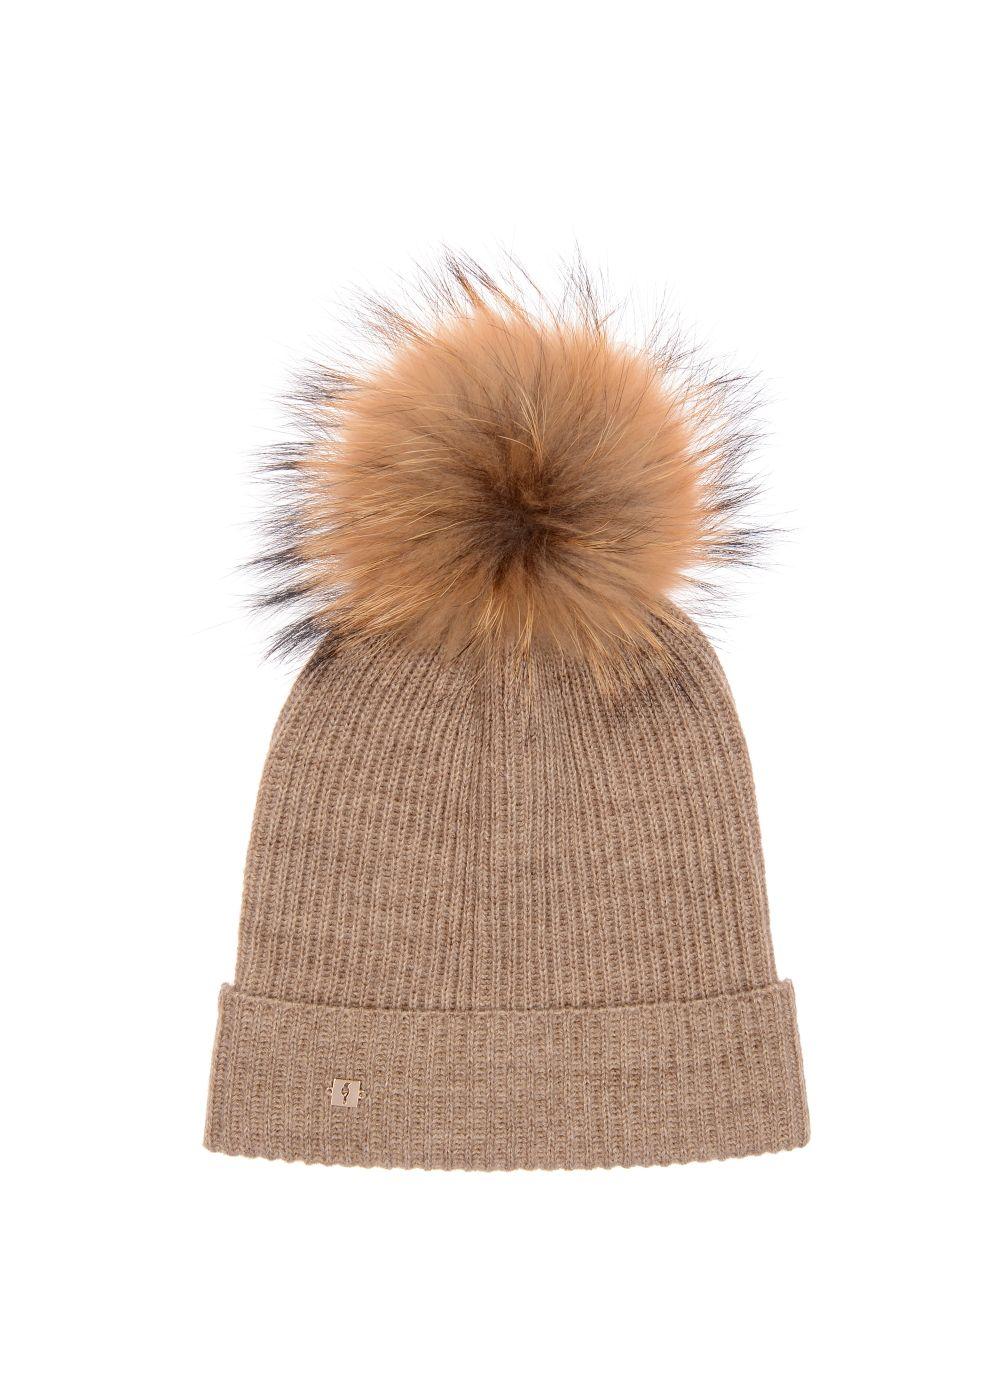 Zestaw czapka i szalik ZESDT-0009-81(Z20)